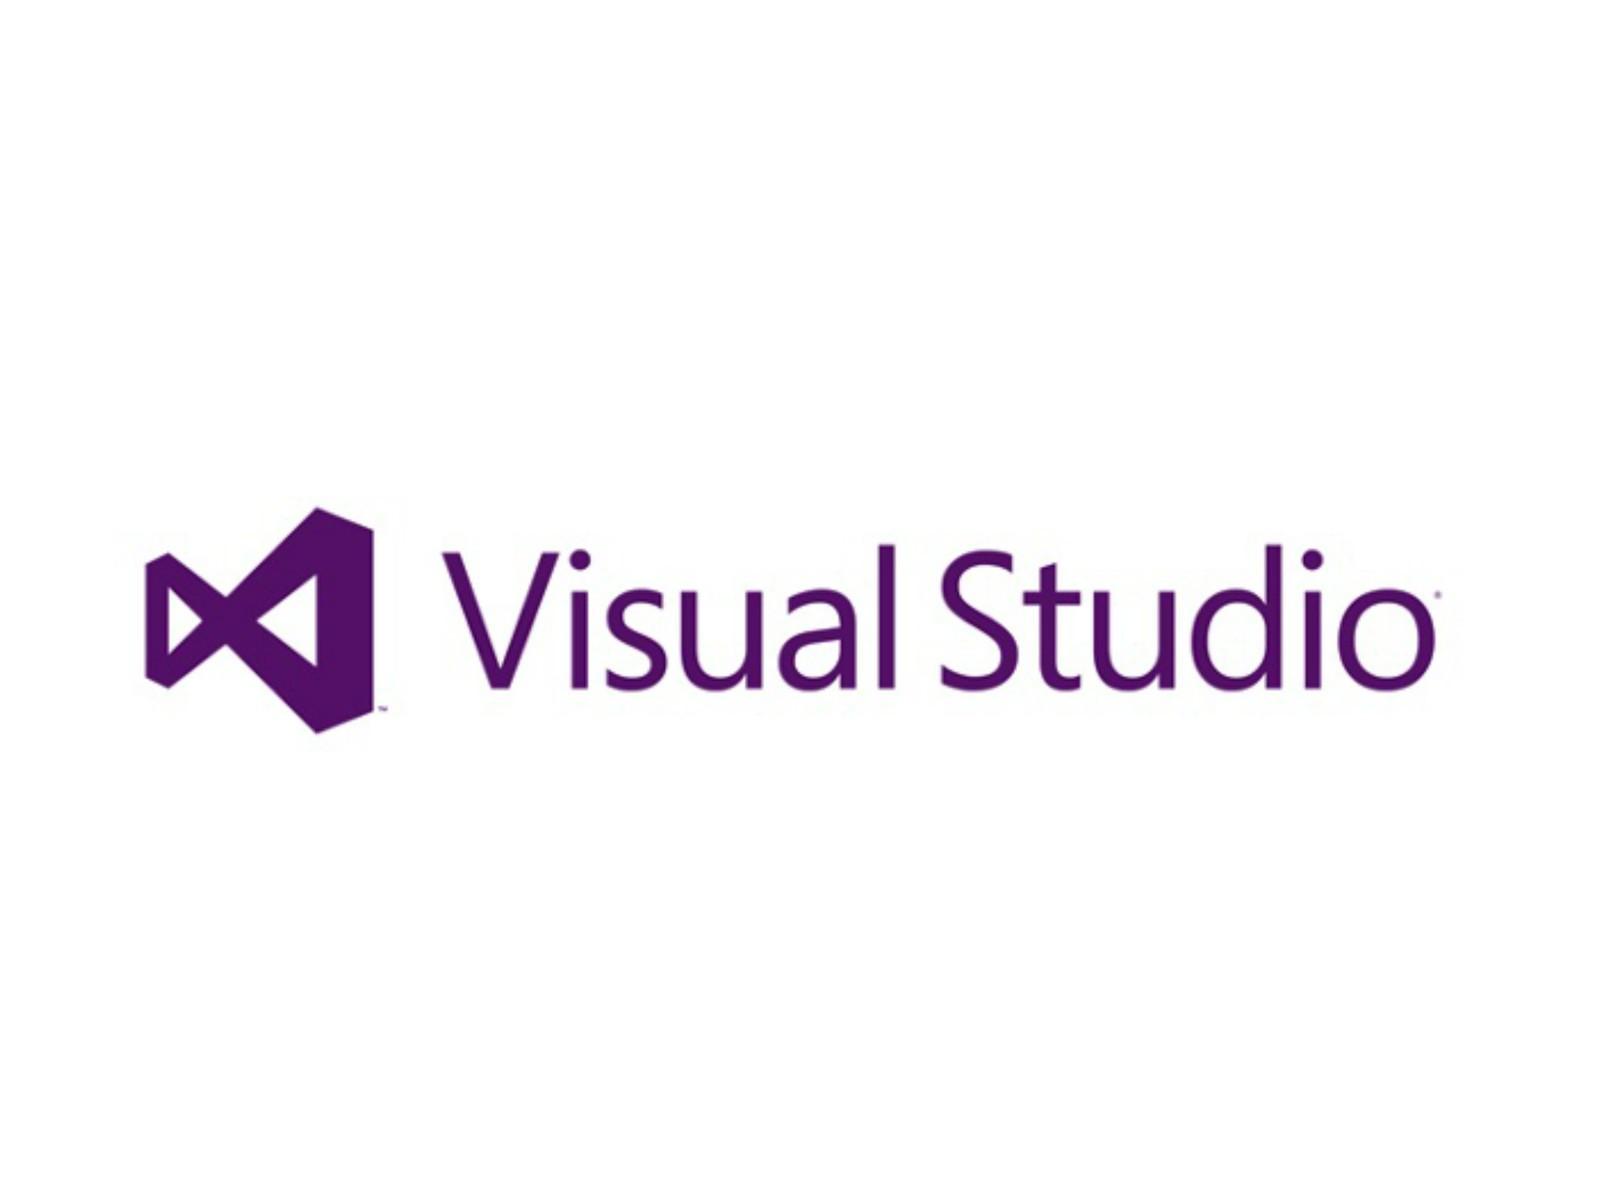 مايكروسوفت تطلق محرر Visual Studio  أونلاين